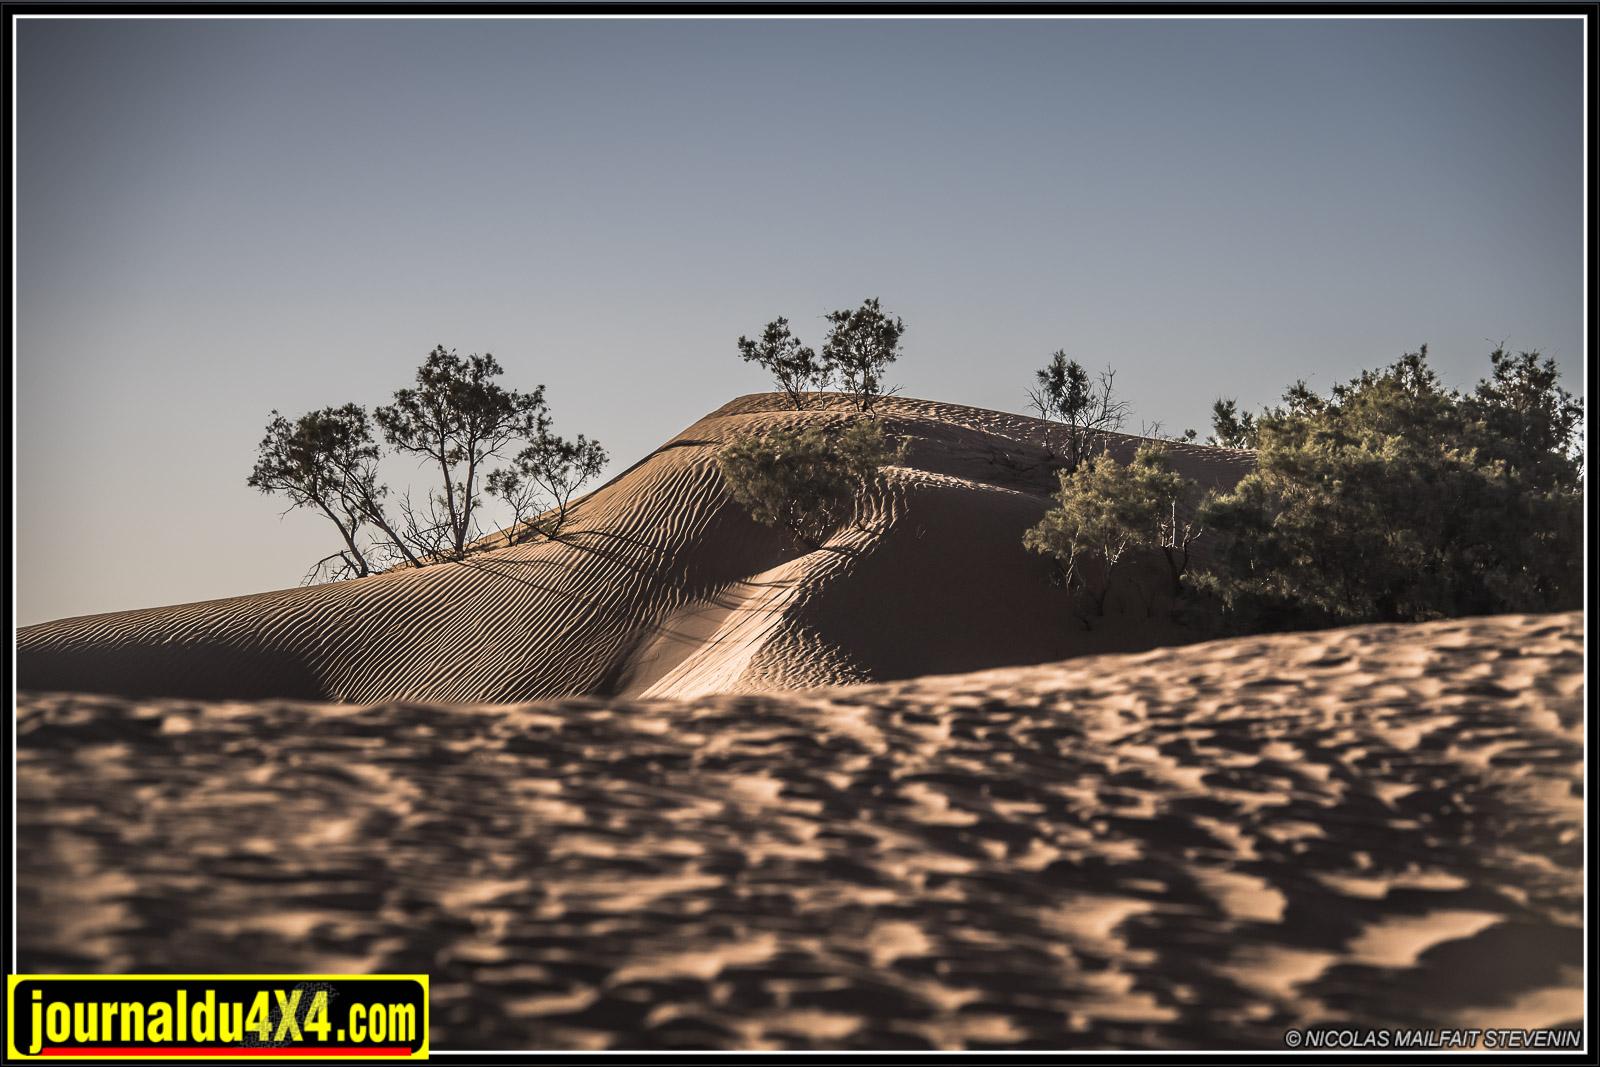 rallye-aicha-gazelles-maroc-2017-7017.jpg